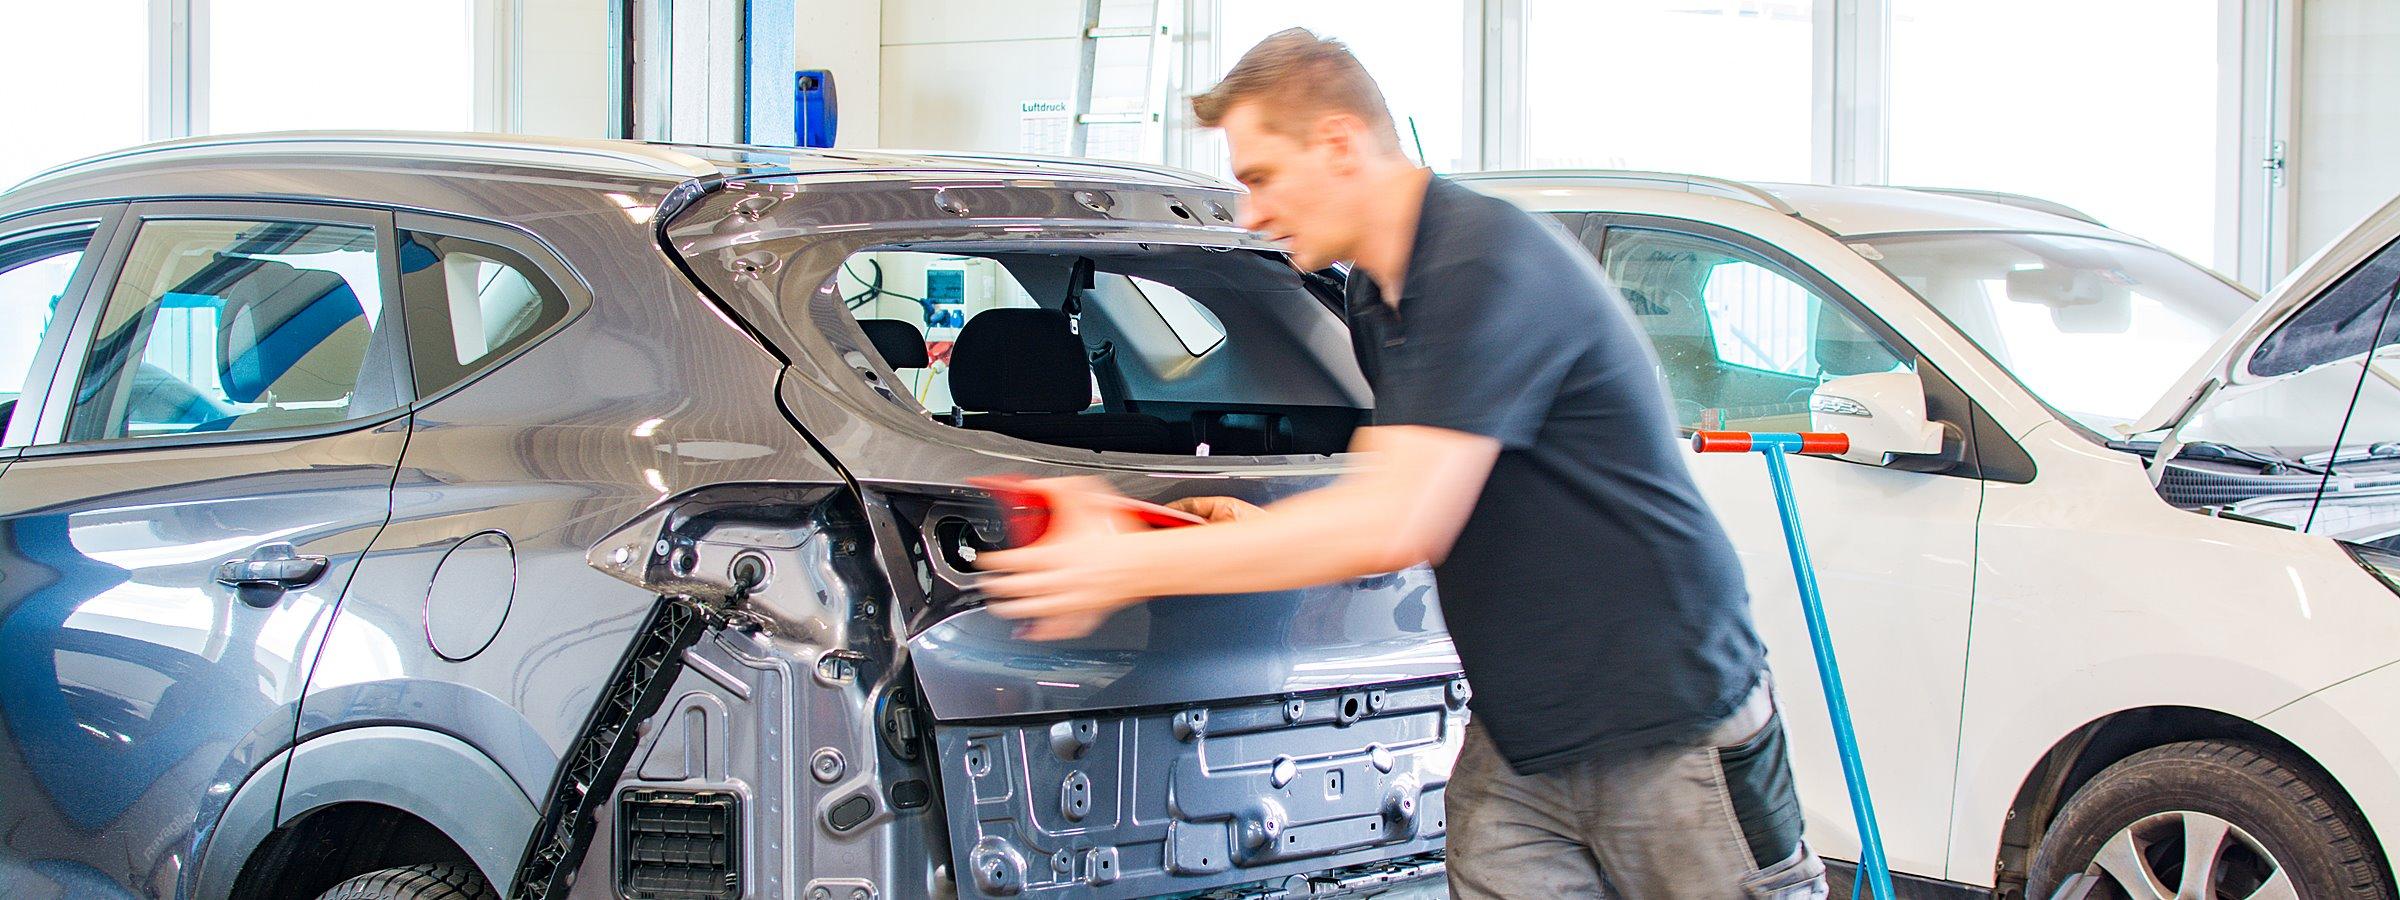 Automobile wimmer gmbh im bezirk eferding ober sterreich for Autohaus linz